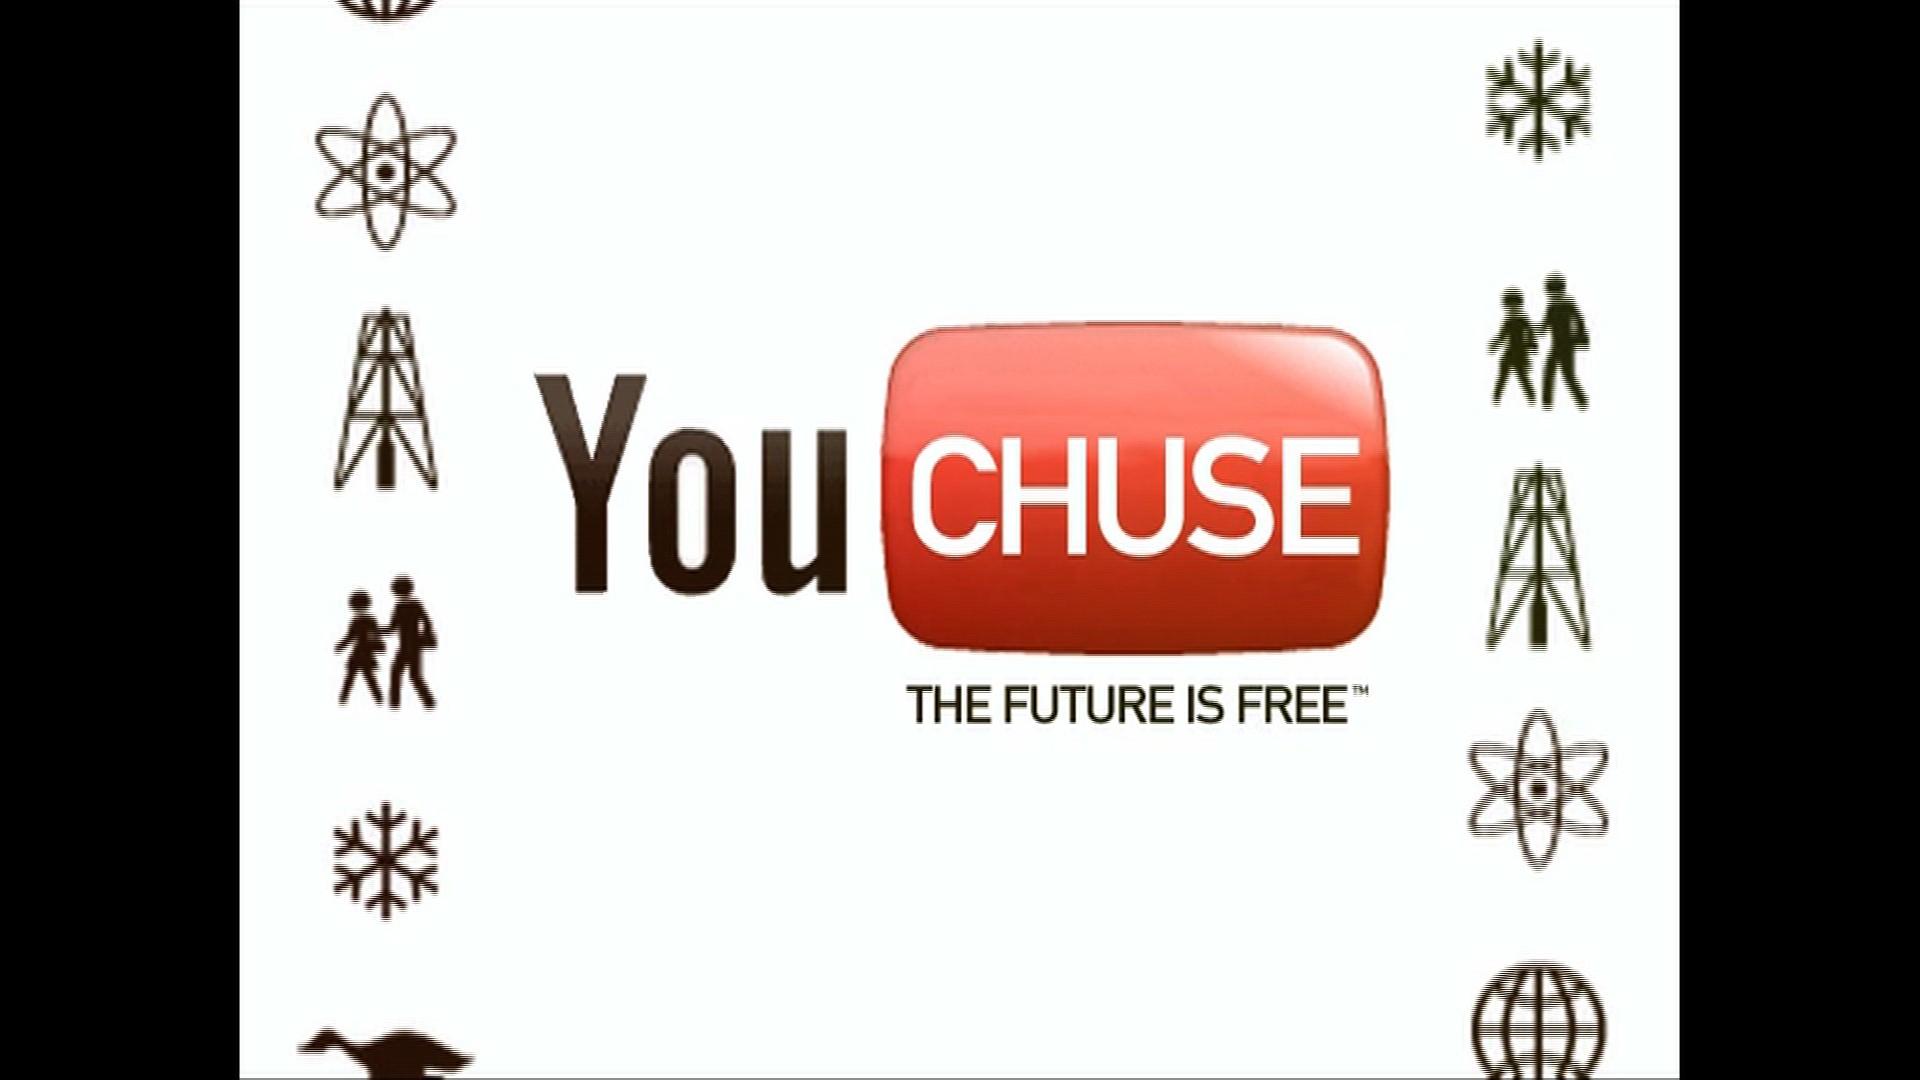 You Chuse